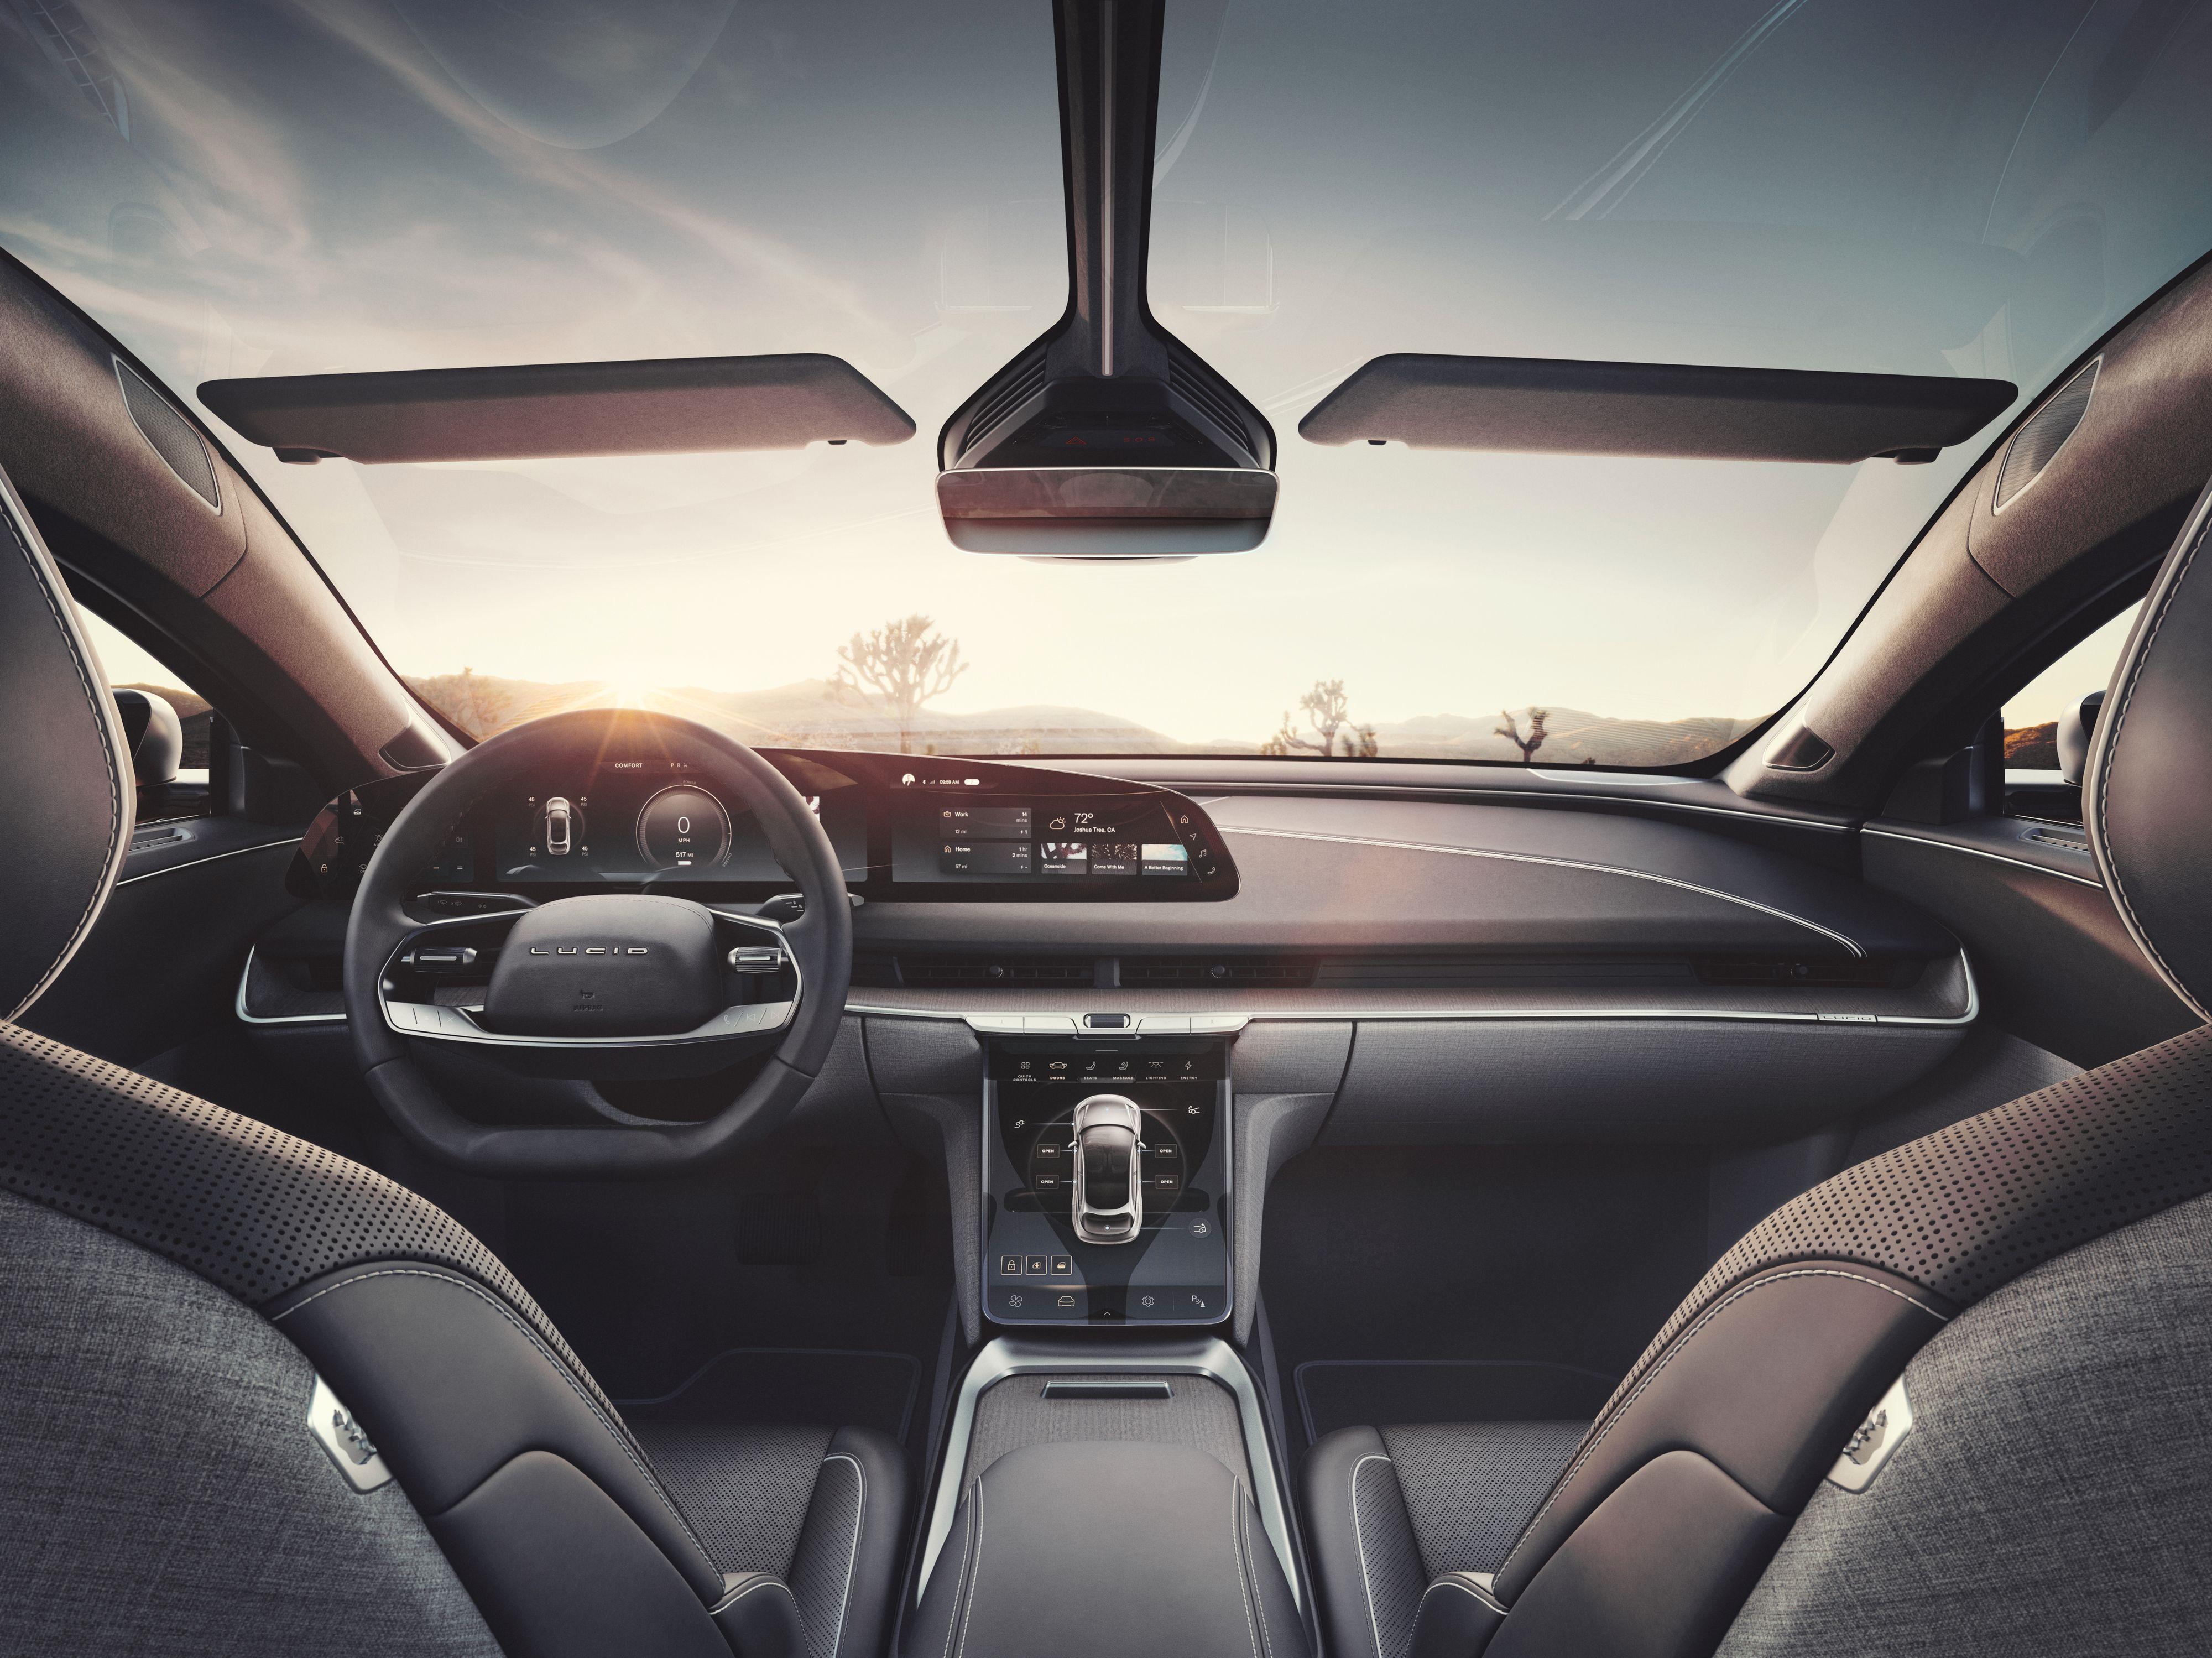 En tredelt skjerm fungerer både som instrumentpanel og infotainmentsystem, og i tillegg har bilen en større skjerm i midtkonsollen.